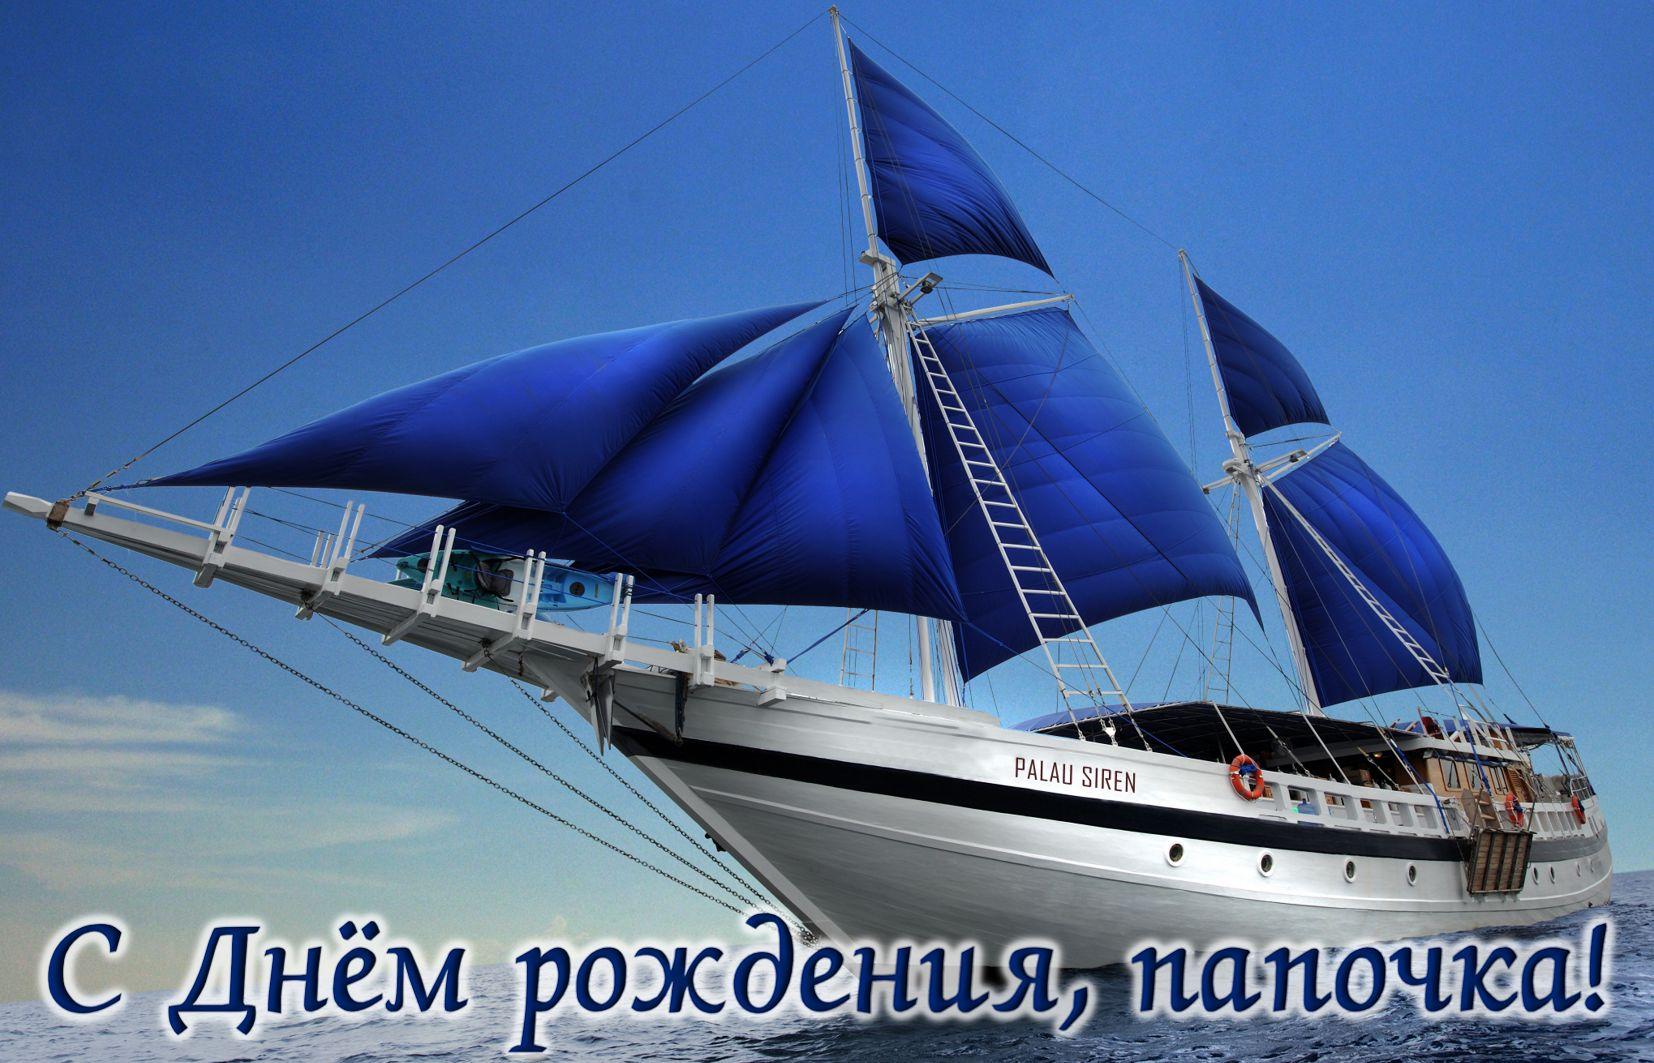 Картинка с яхтой на День рождения папочке